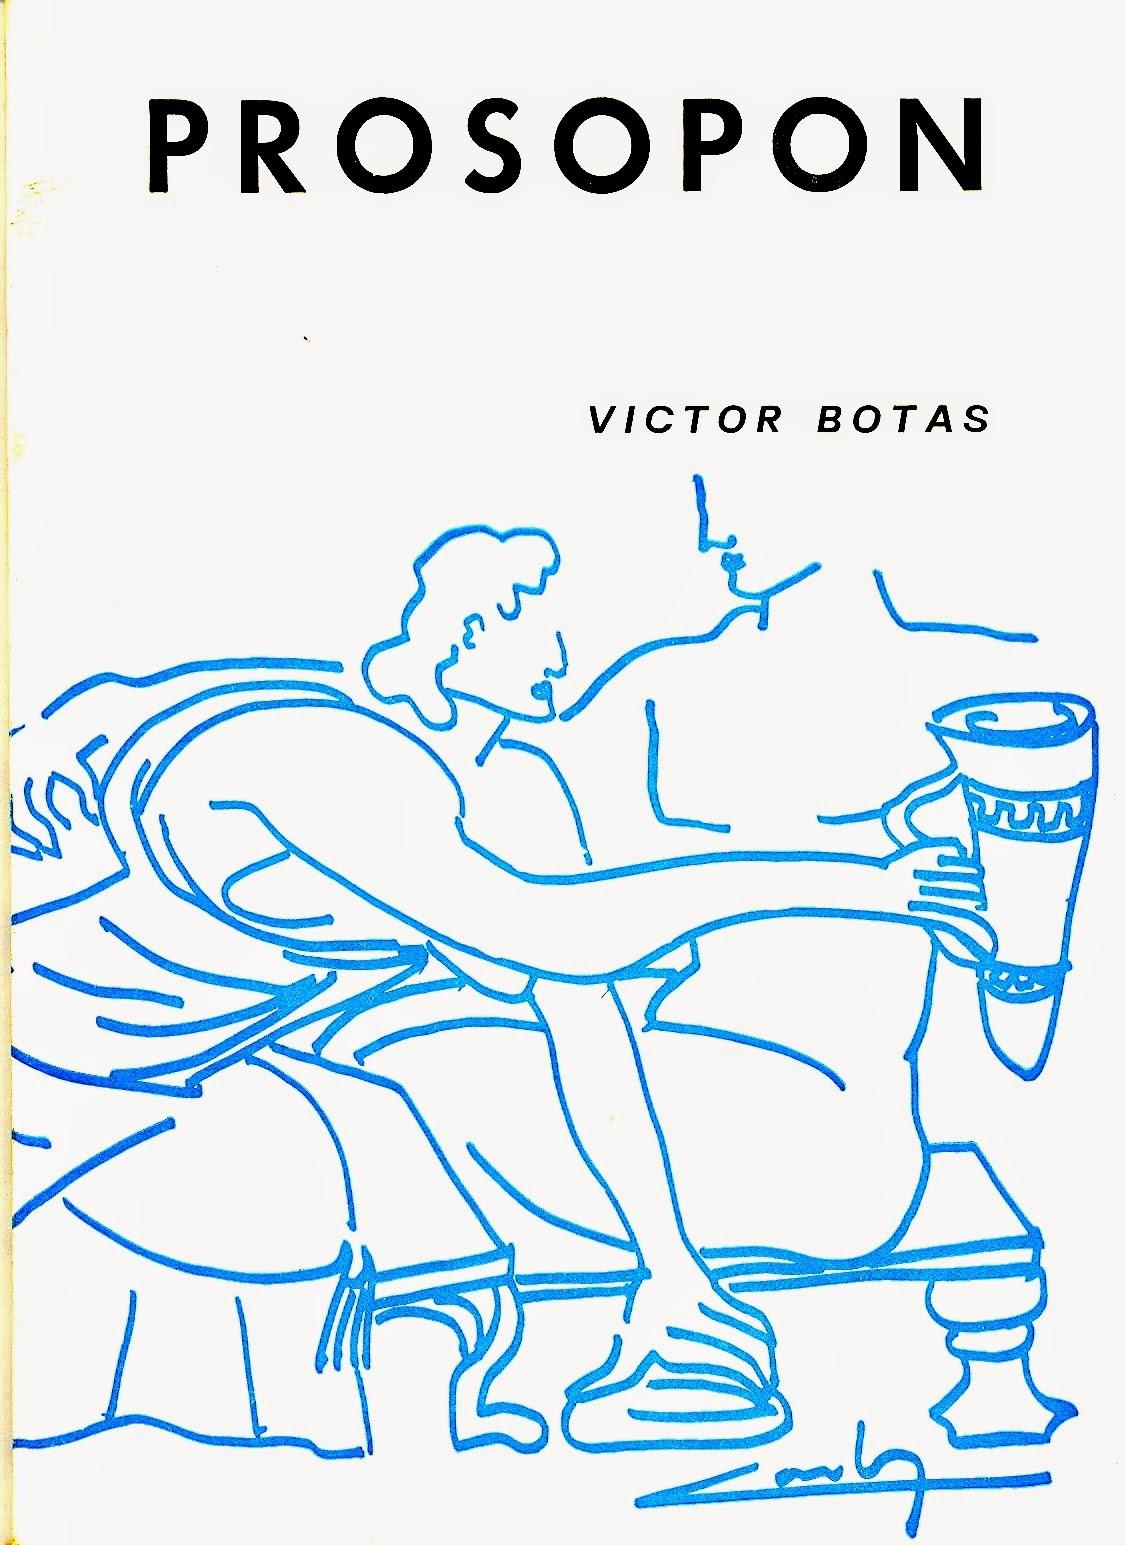 Víctor Botas, Prosopon. Col «Gárgola de poesía» Carlos de la Rica Ed., Ed. El Toro de Barro, Carboneras del Guadazaón 1980.